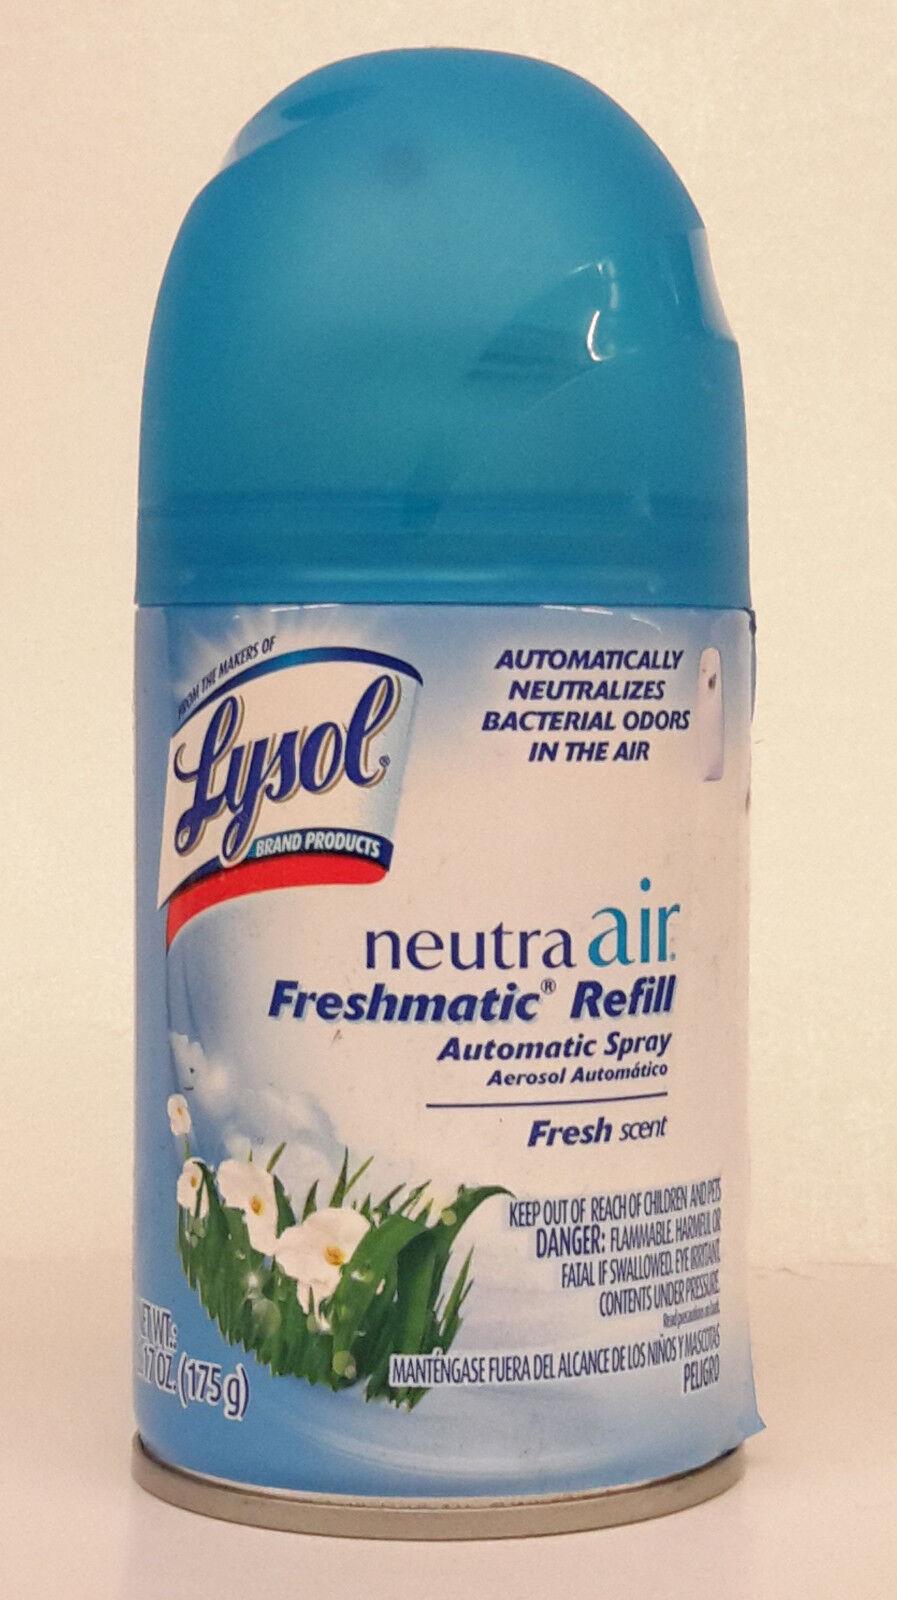 1 Lysol FRESH Neutra Air Freshmatic Refil Automaticaly Neutr